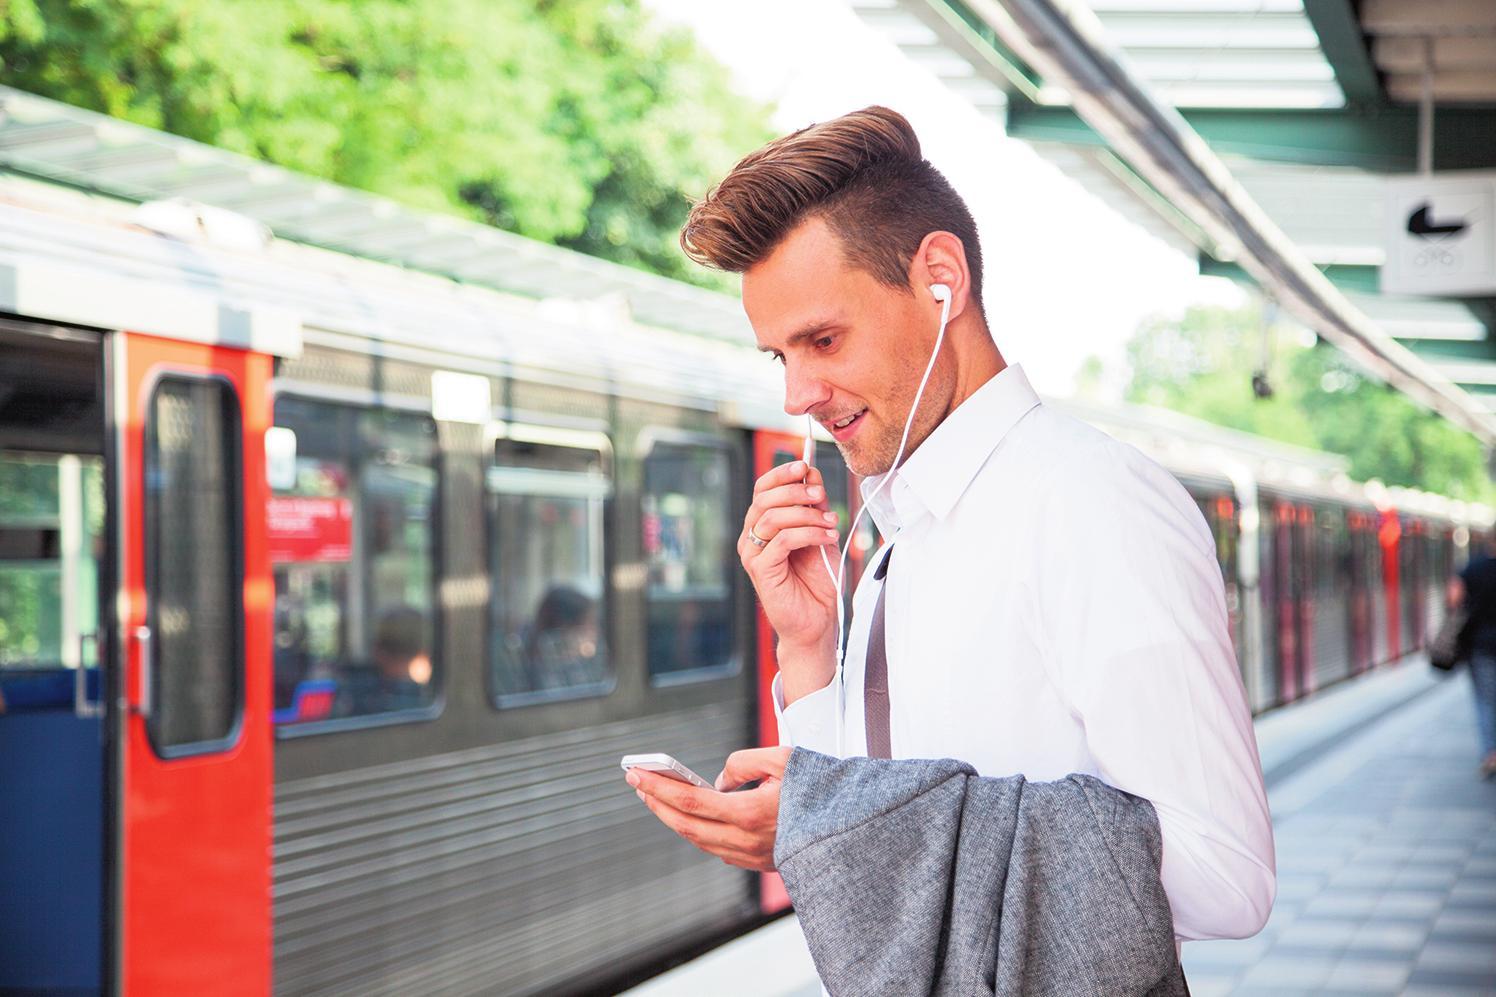 Auf Nummer sicher: Wer die Strahlenbelastung beim Telefonieren effektiv senken möchte, greift einfach zum Headset. FOTO: DPA